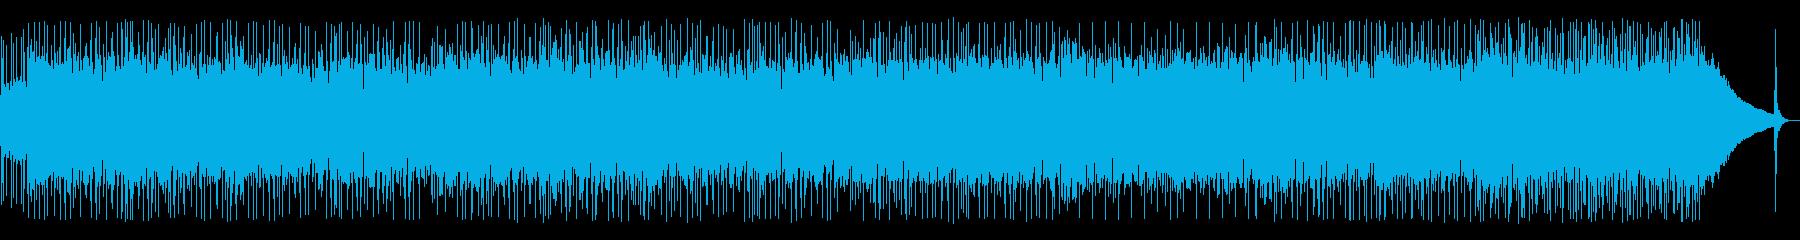 洗練された激しさ・ギターロックの再生済みの波形